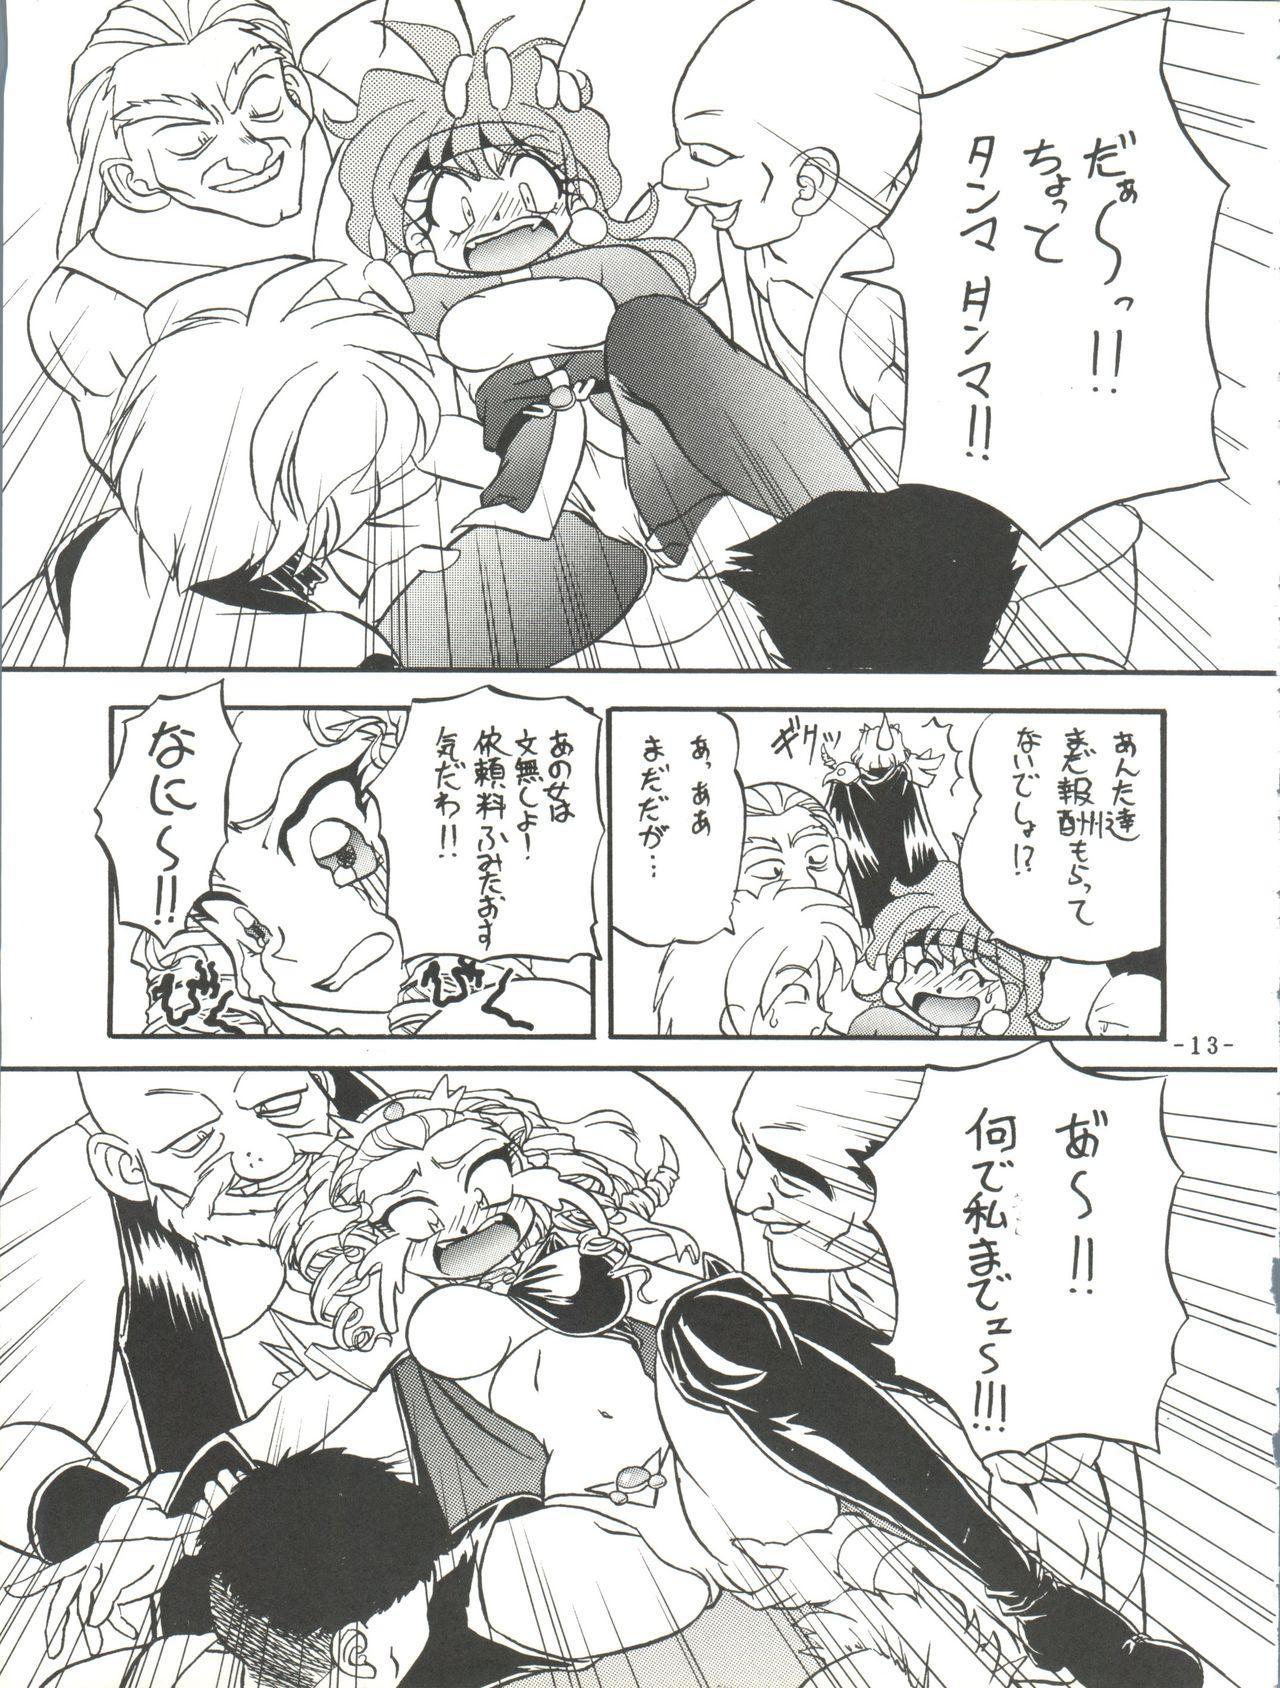 BTB-19.3 Kyou no Ohiru wa Naani 14